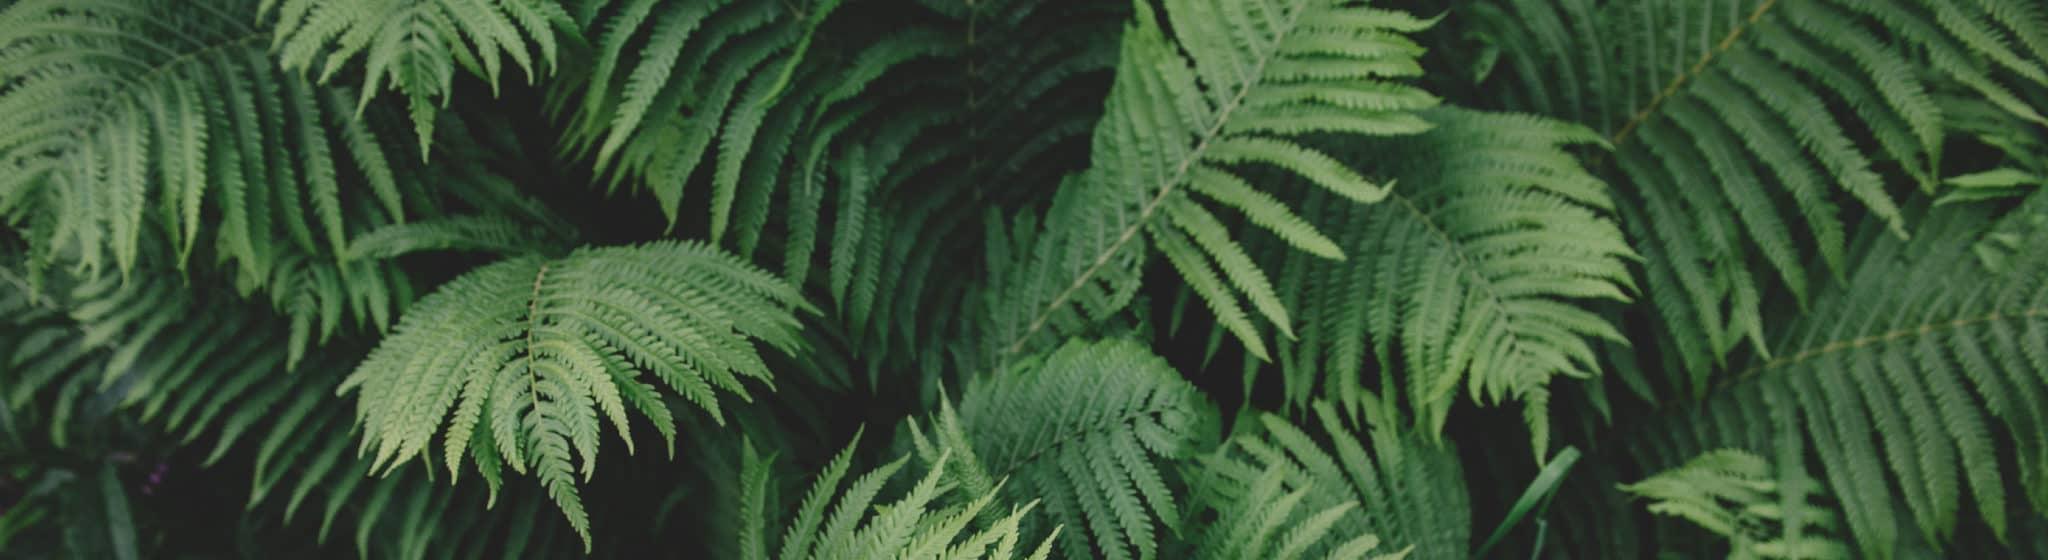 Nahaufnahme von grünen Farnblättern.